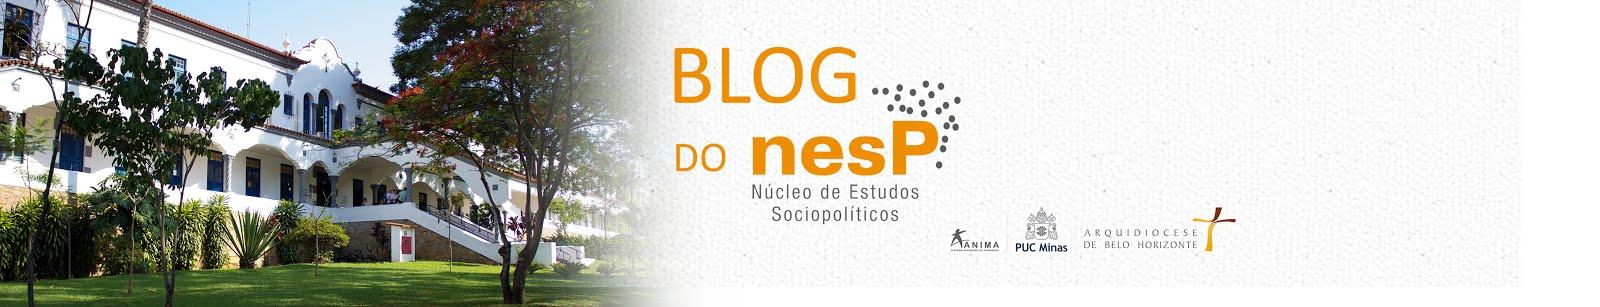 Blog do Nesp